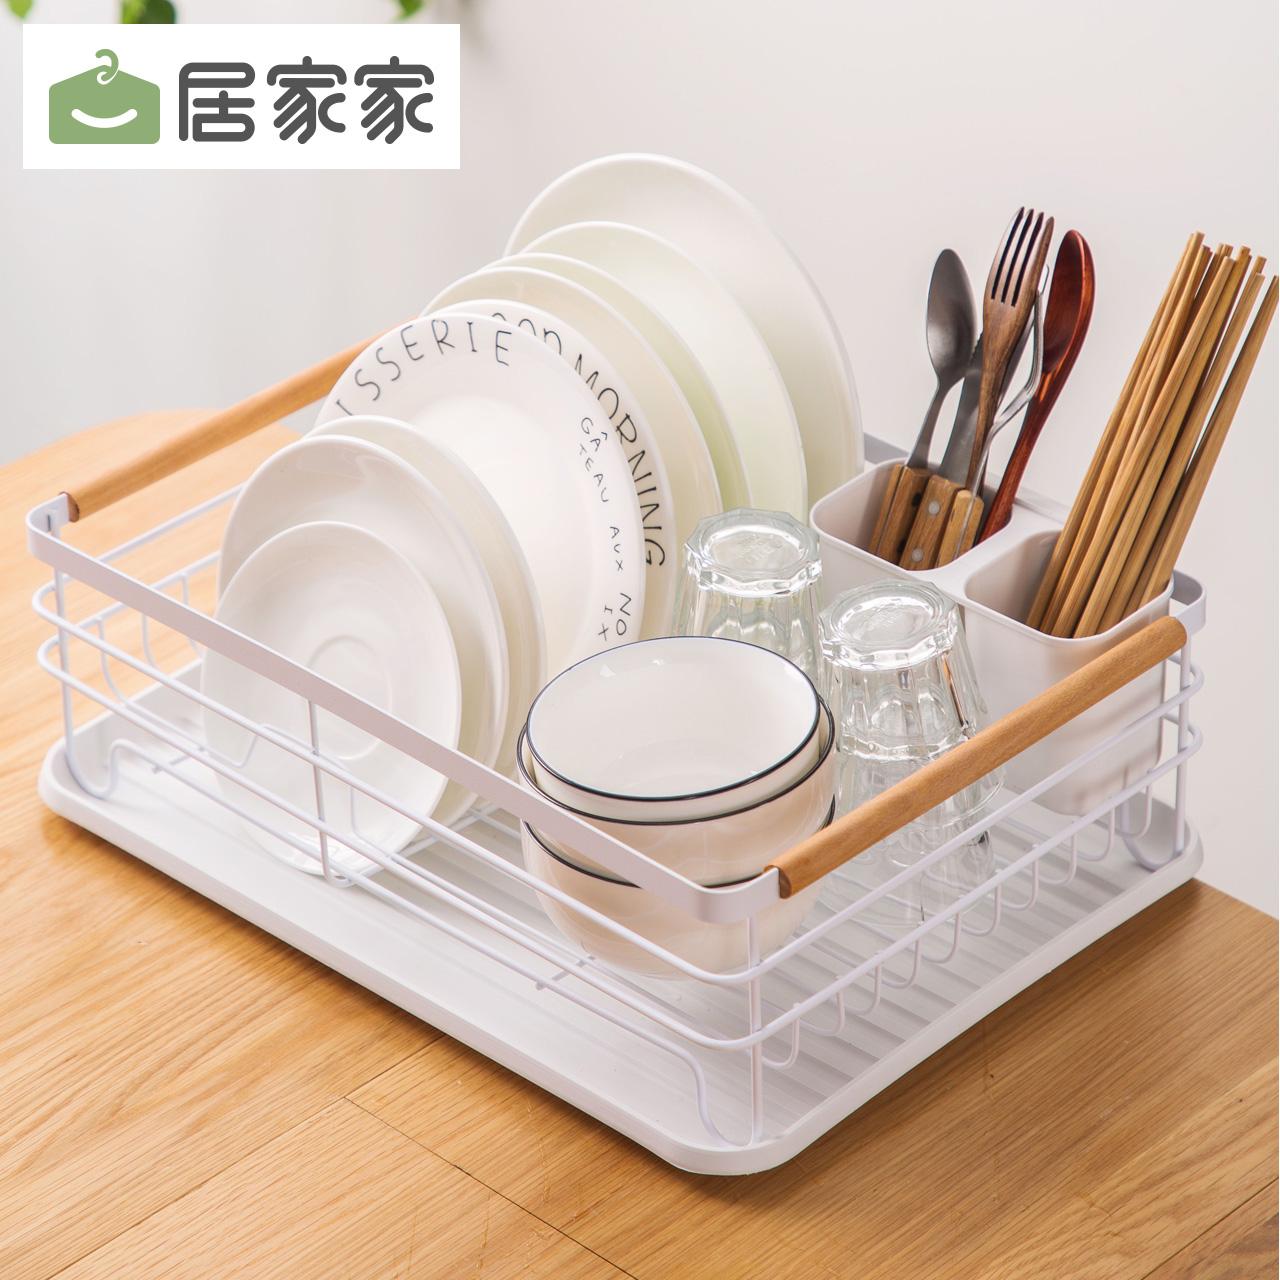 居家家铁艺水槽碗碟架放碗架沥水架家用厨房装碗筷碗柜餐具置物架